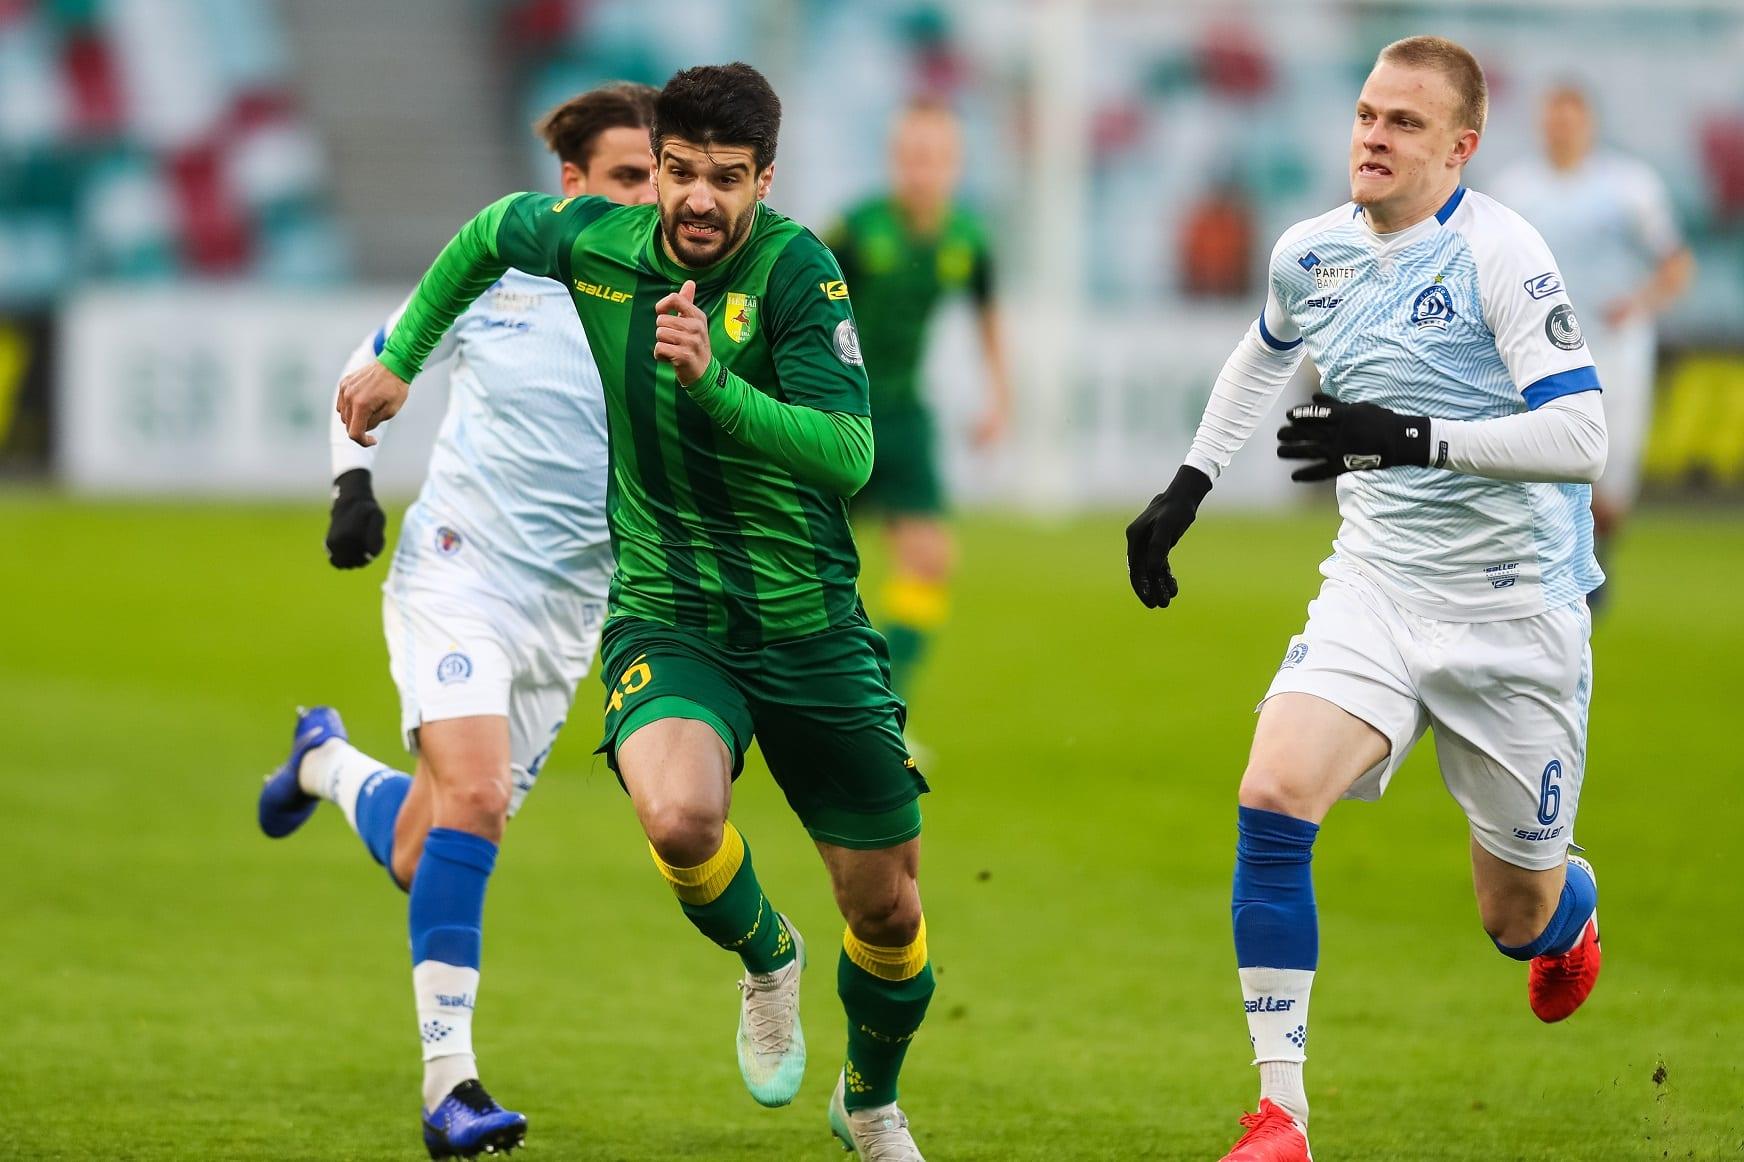 Piłkarze Niomana Grodno i Dynama Mińsk